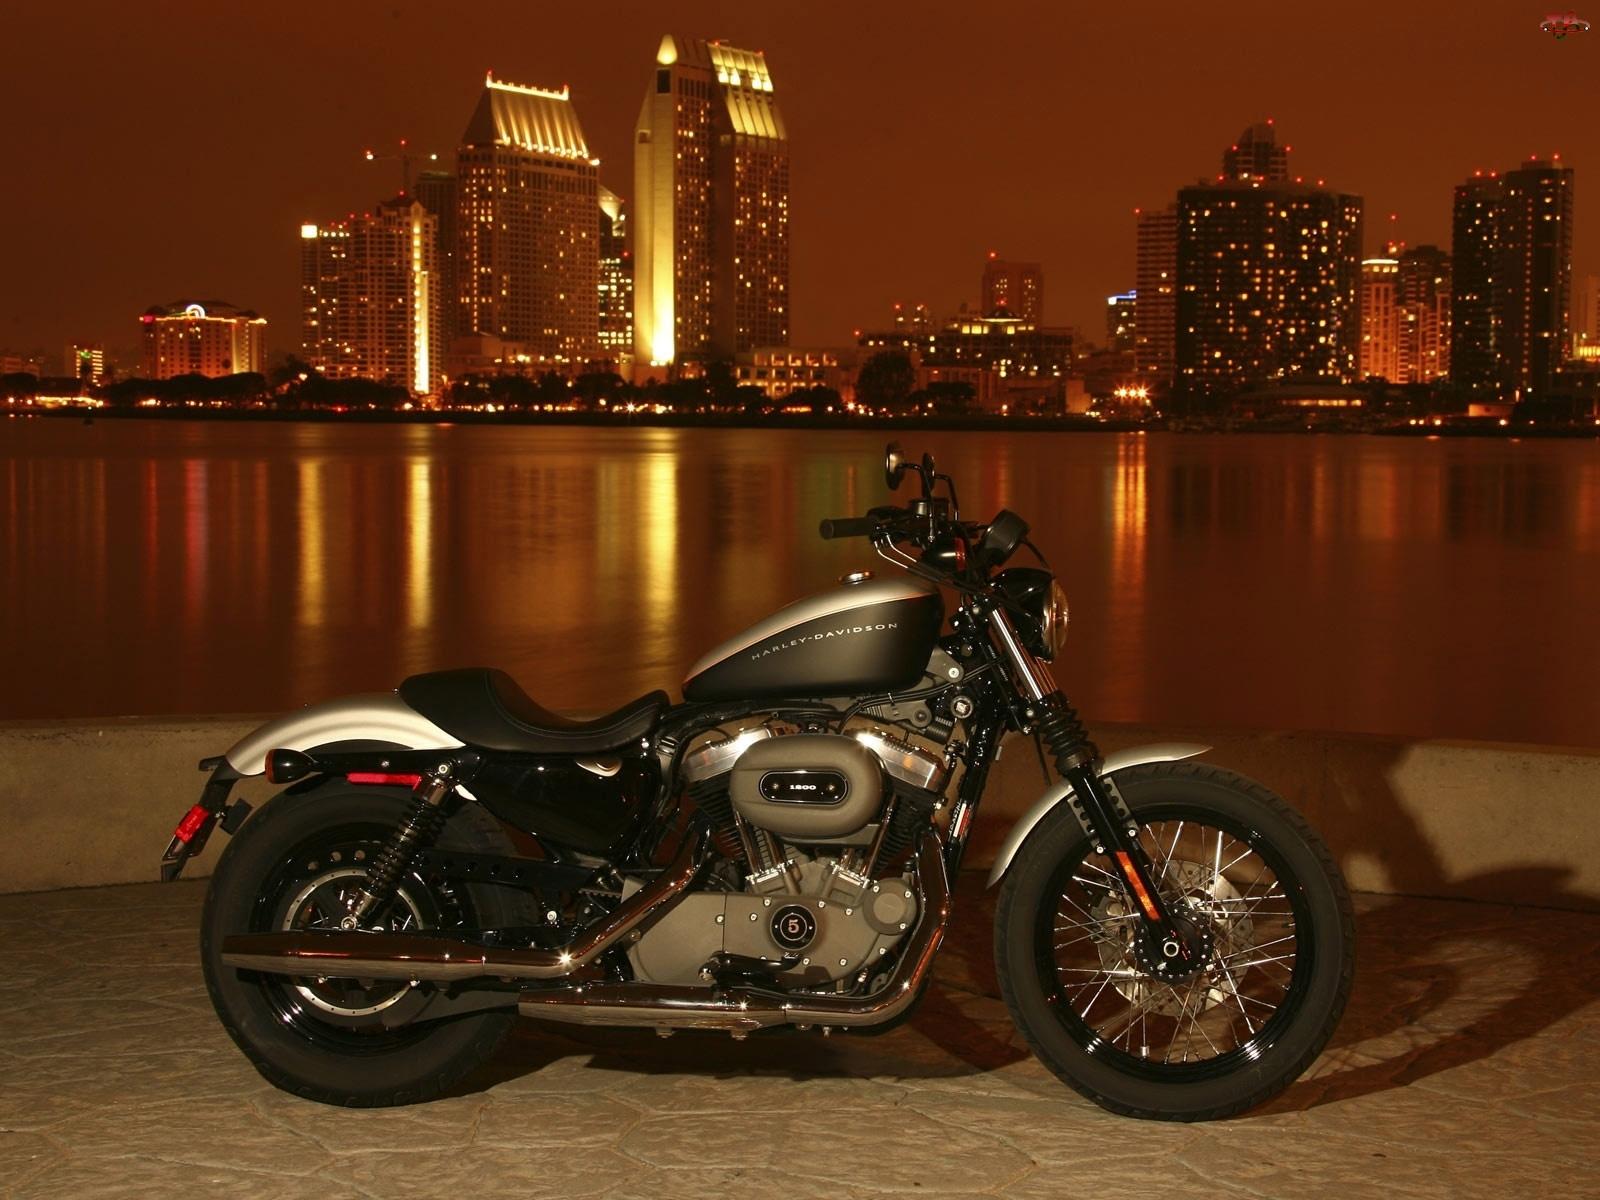 Noc, Harley-Davidson Sportster 1200N, Miasto